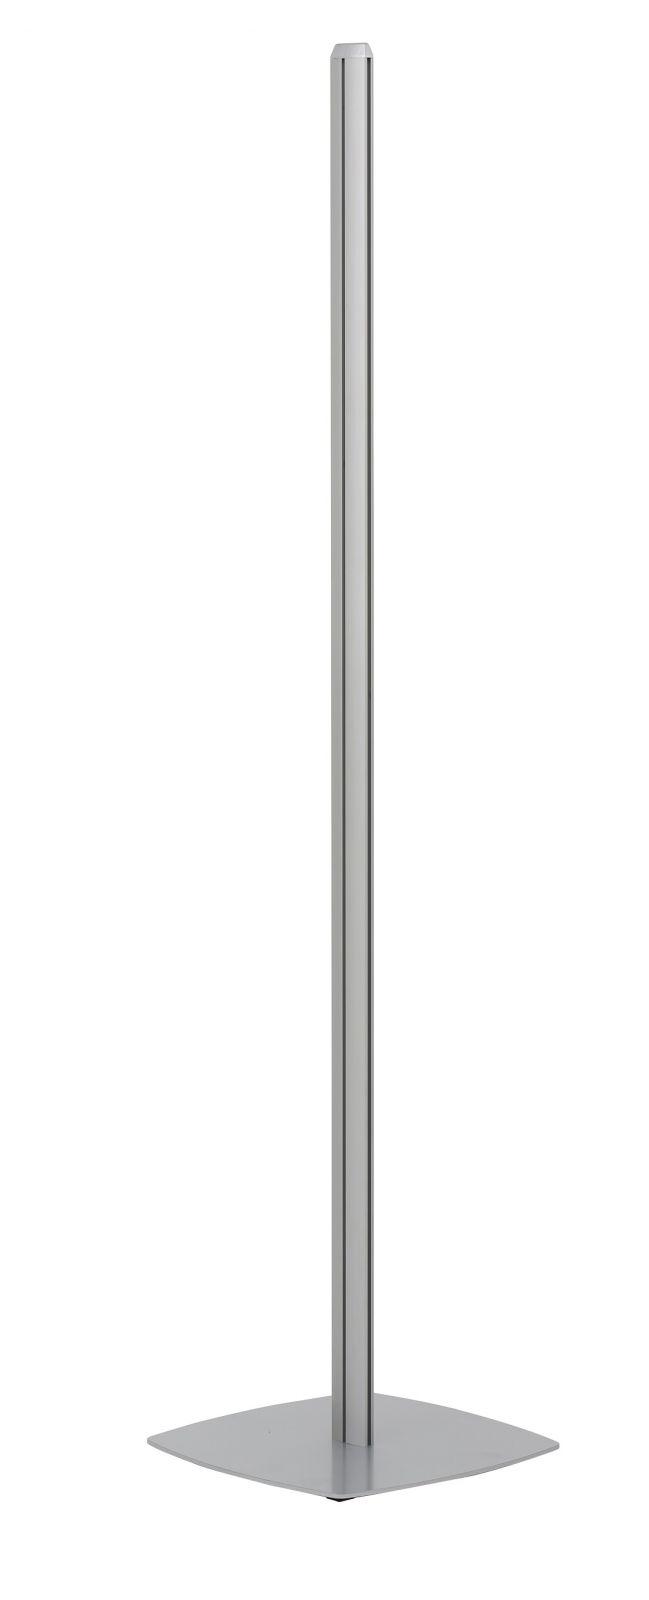 Samotná úzká základna stojanu Freestand - 4 směry A-Z Reklama CZ